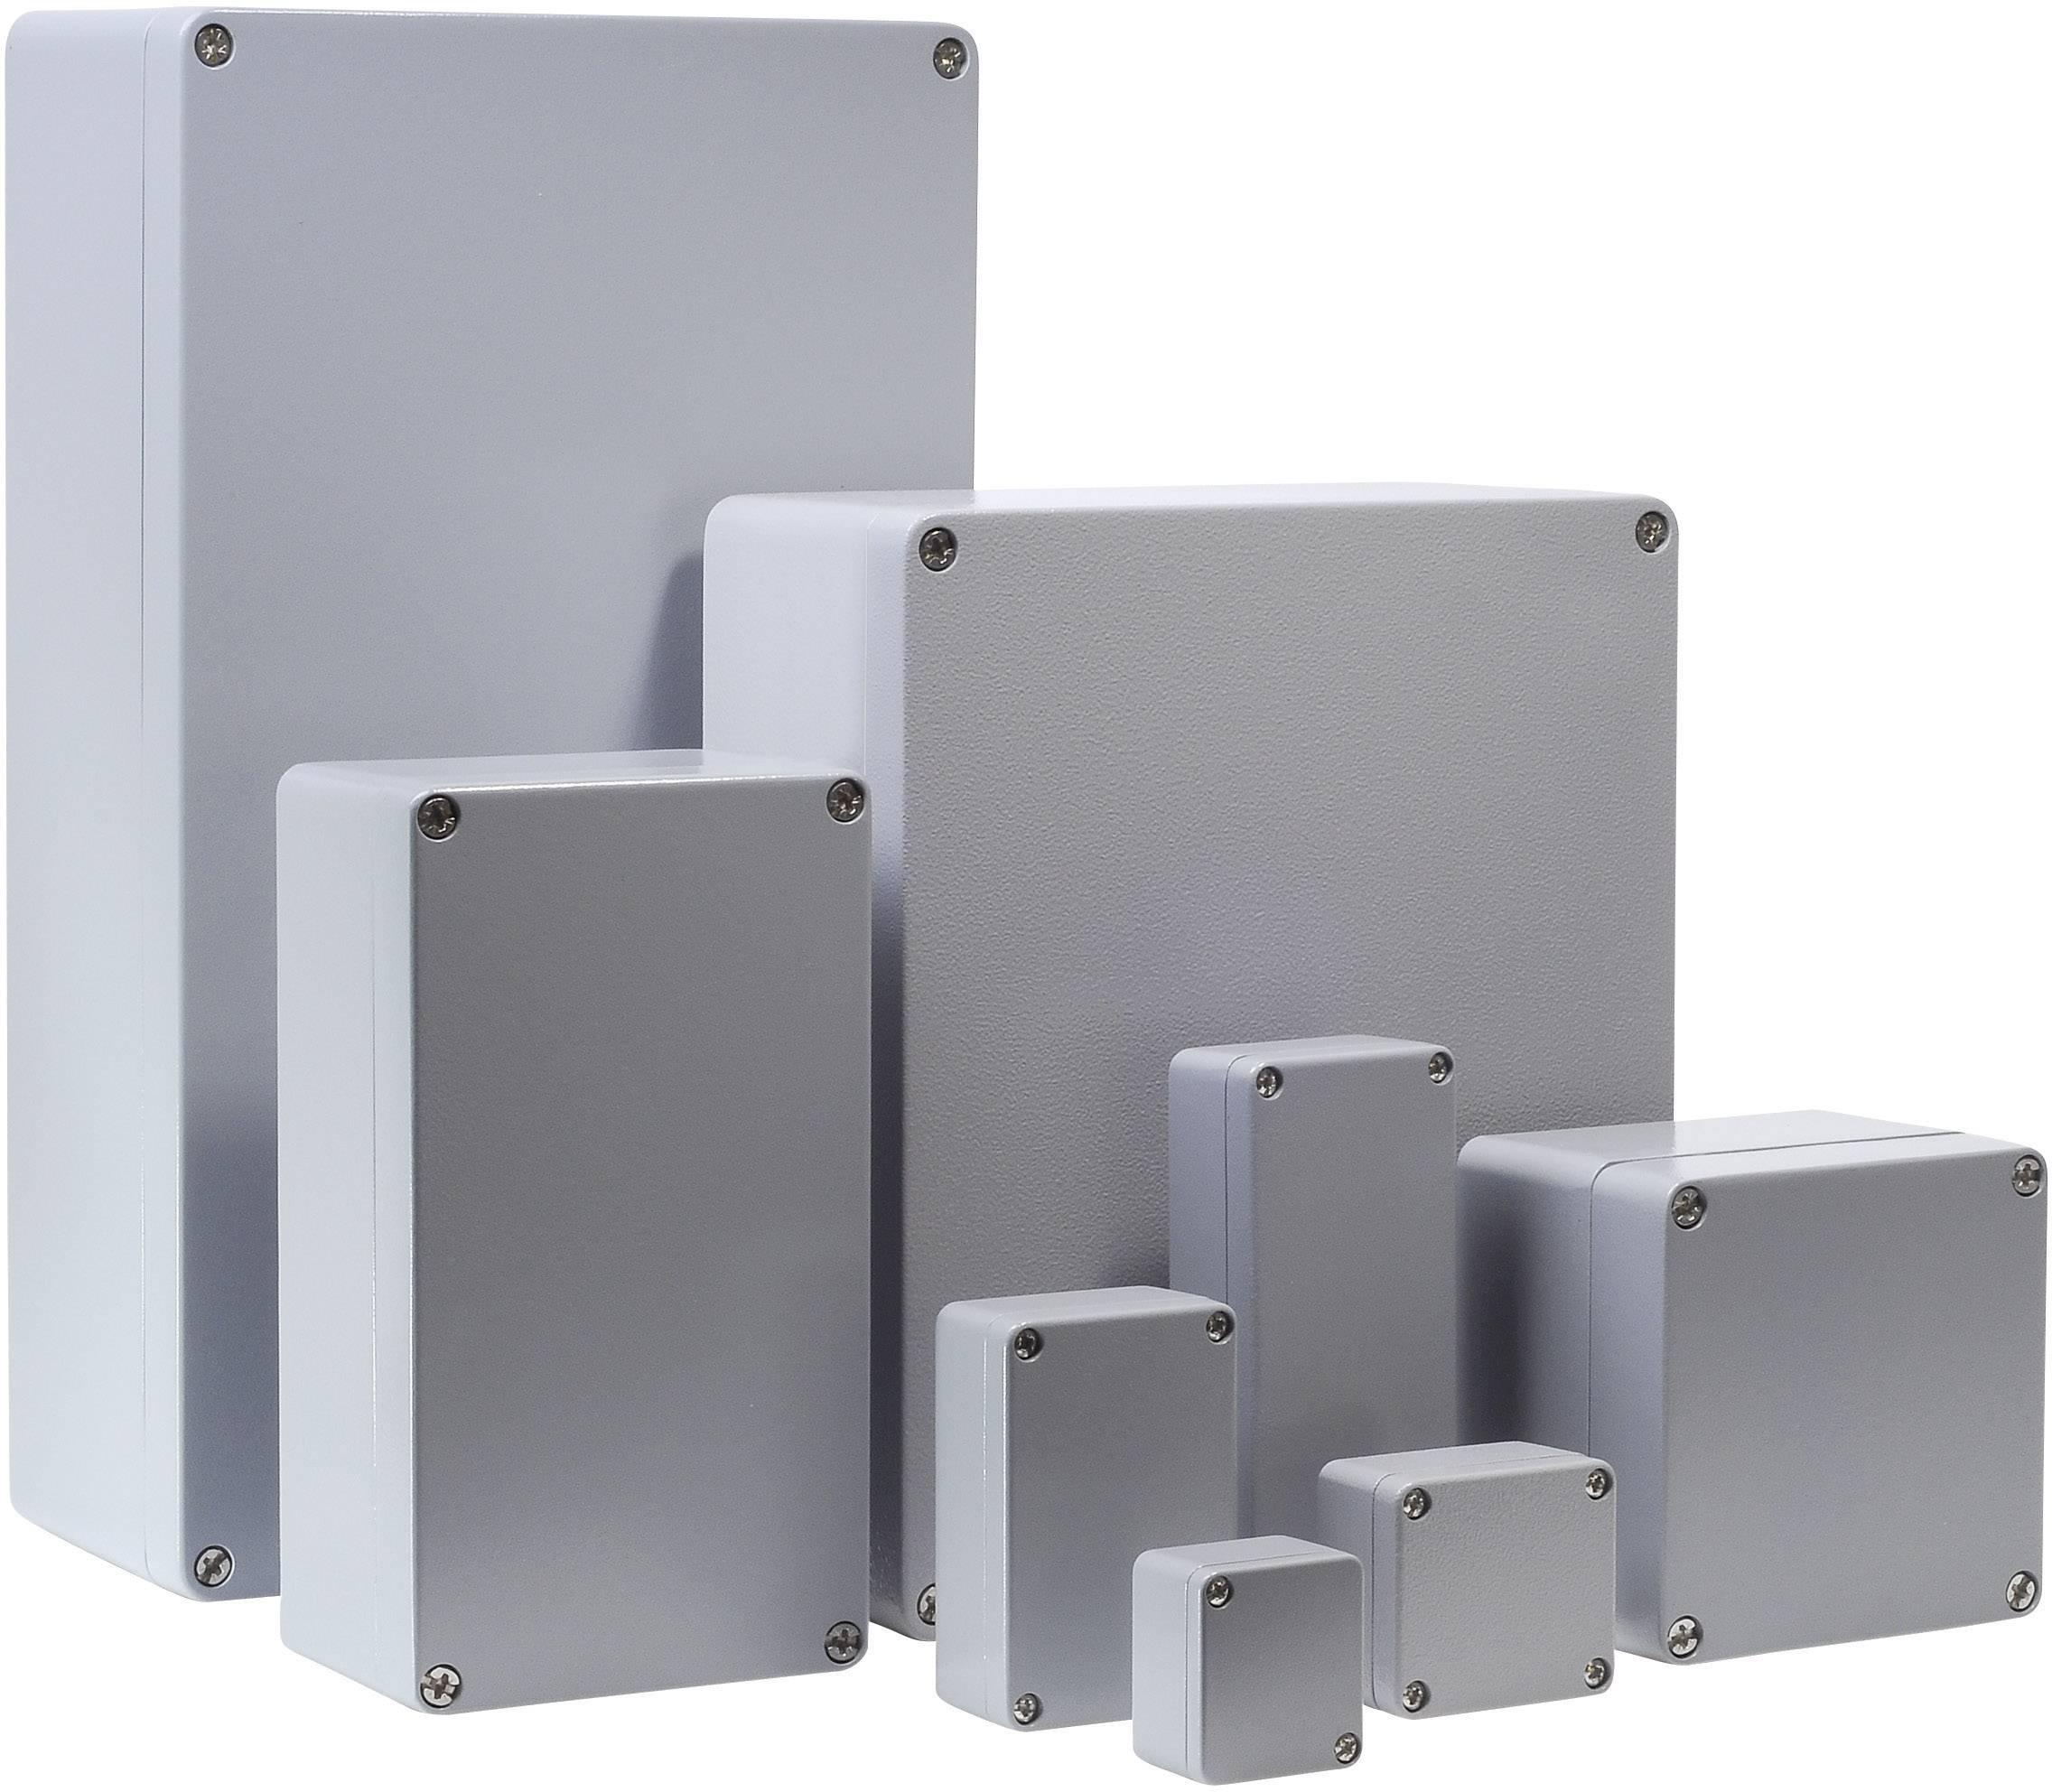 Univerzální pouzdro hliníkové Bernstein AG CA-230, (d x š x v) 220 x 122 x 80 mm, stříbrná